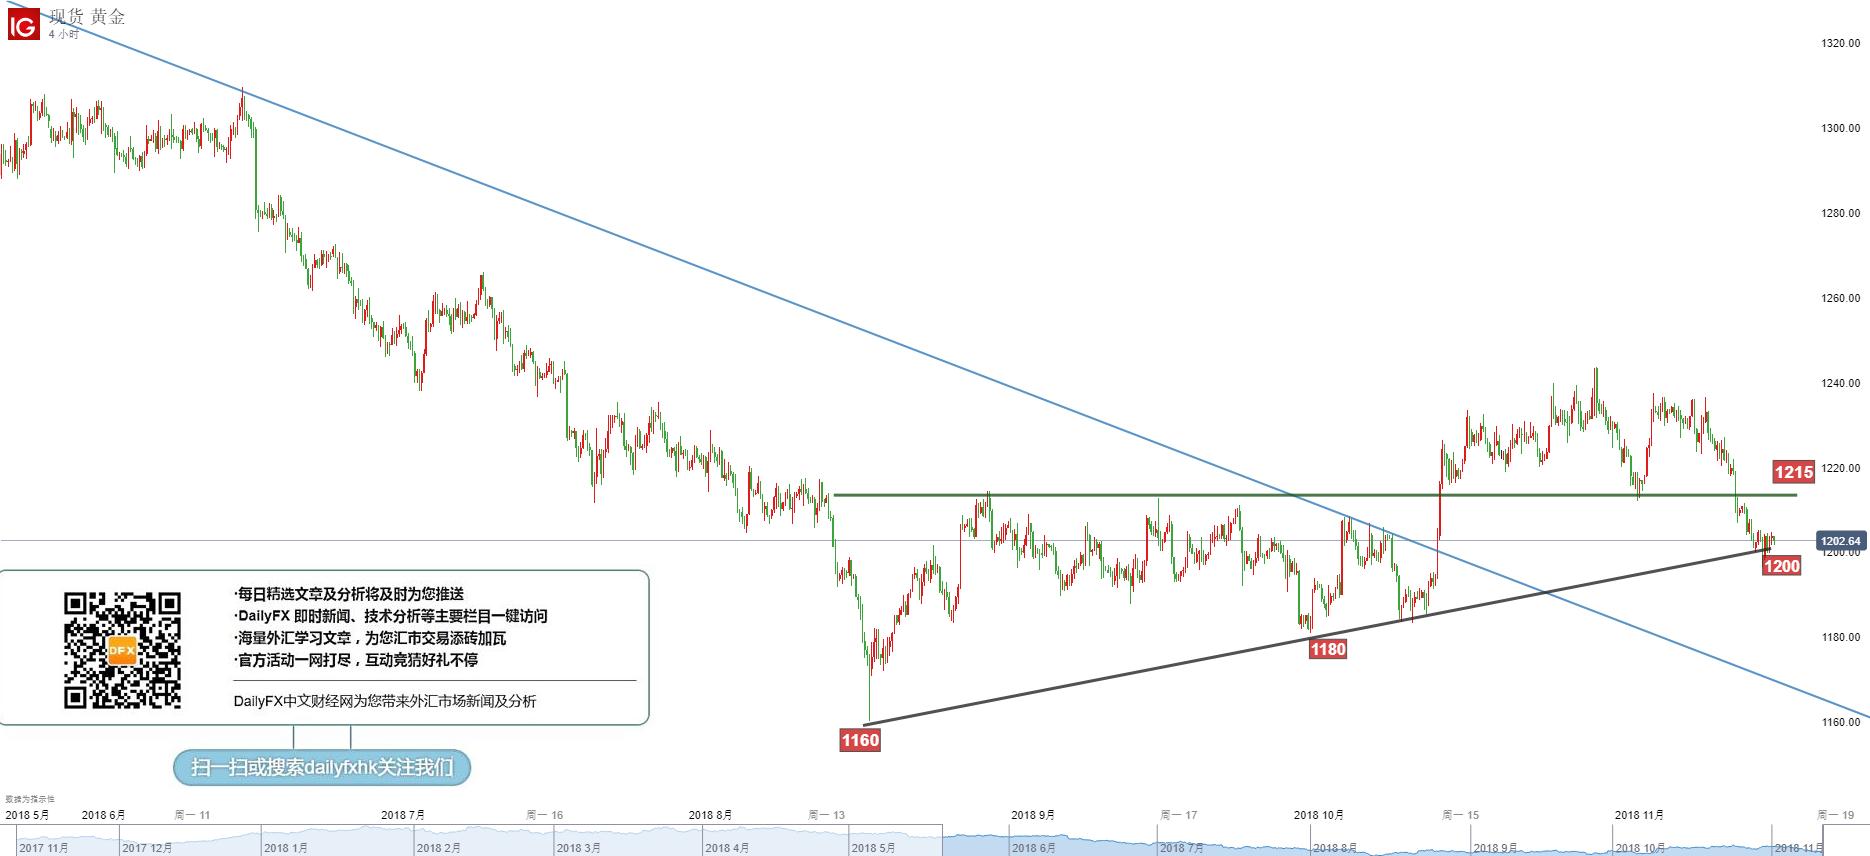 黃金/美元技術分析:關注1195-1215